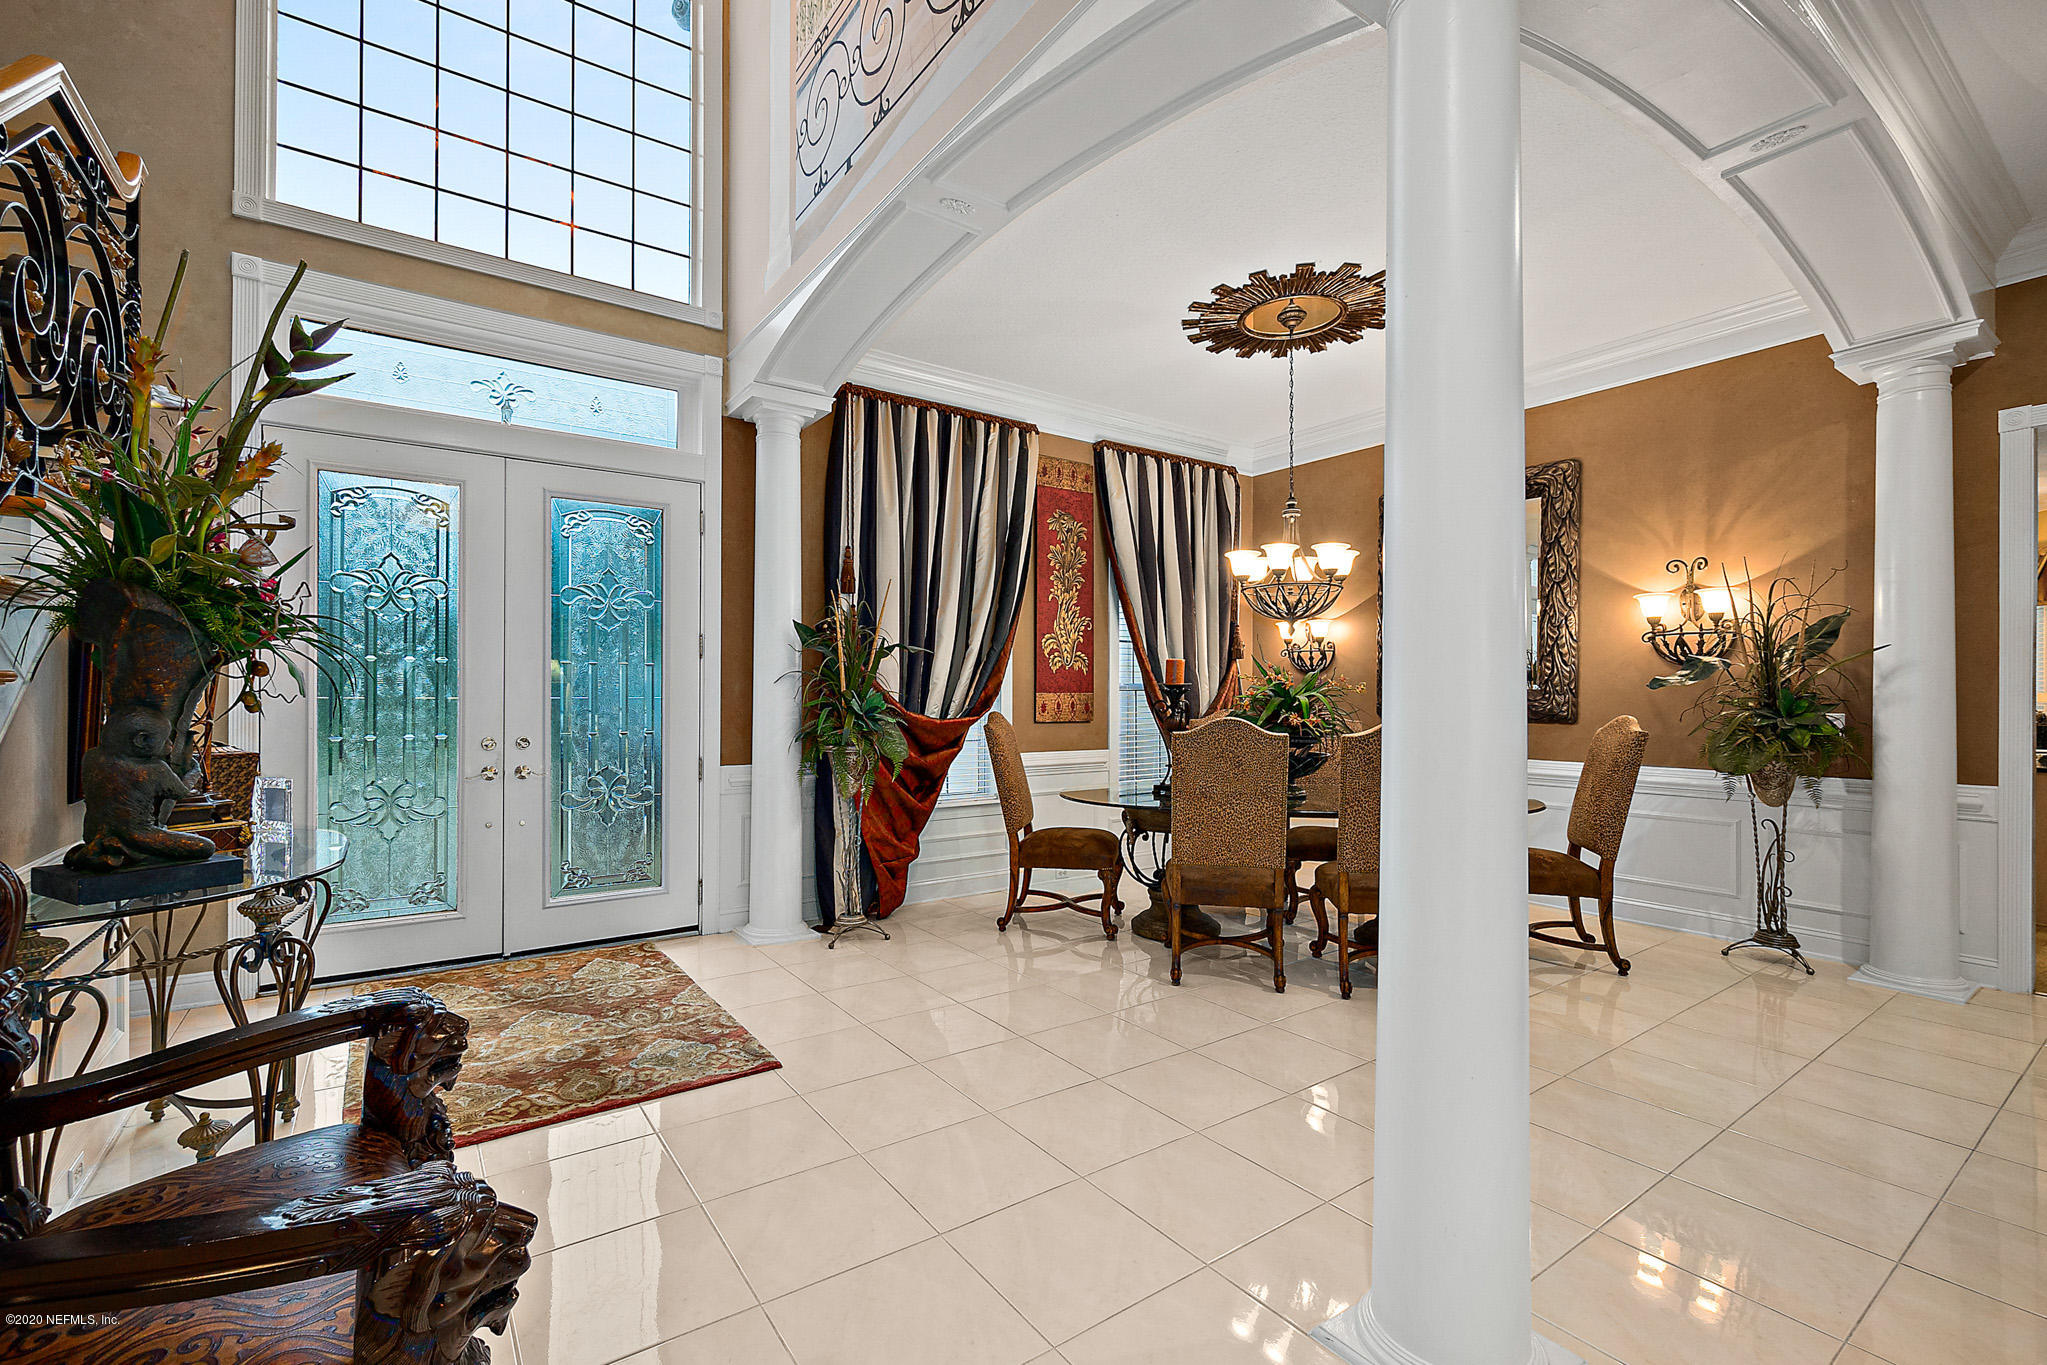 2075 SALT MYRTLE, FLEMING ISLAND, FLORIDA 32003, 6 Bedrooms Bedrooms, ,4 BathroomsBathrooms,Residential,For sale,SALT MYRTLE,1082568